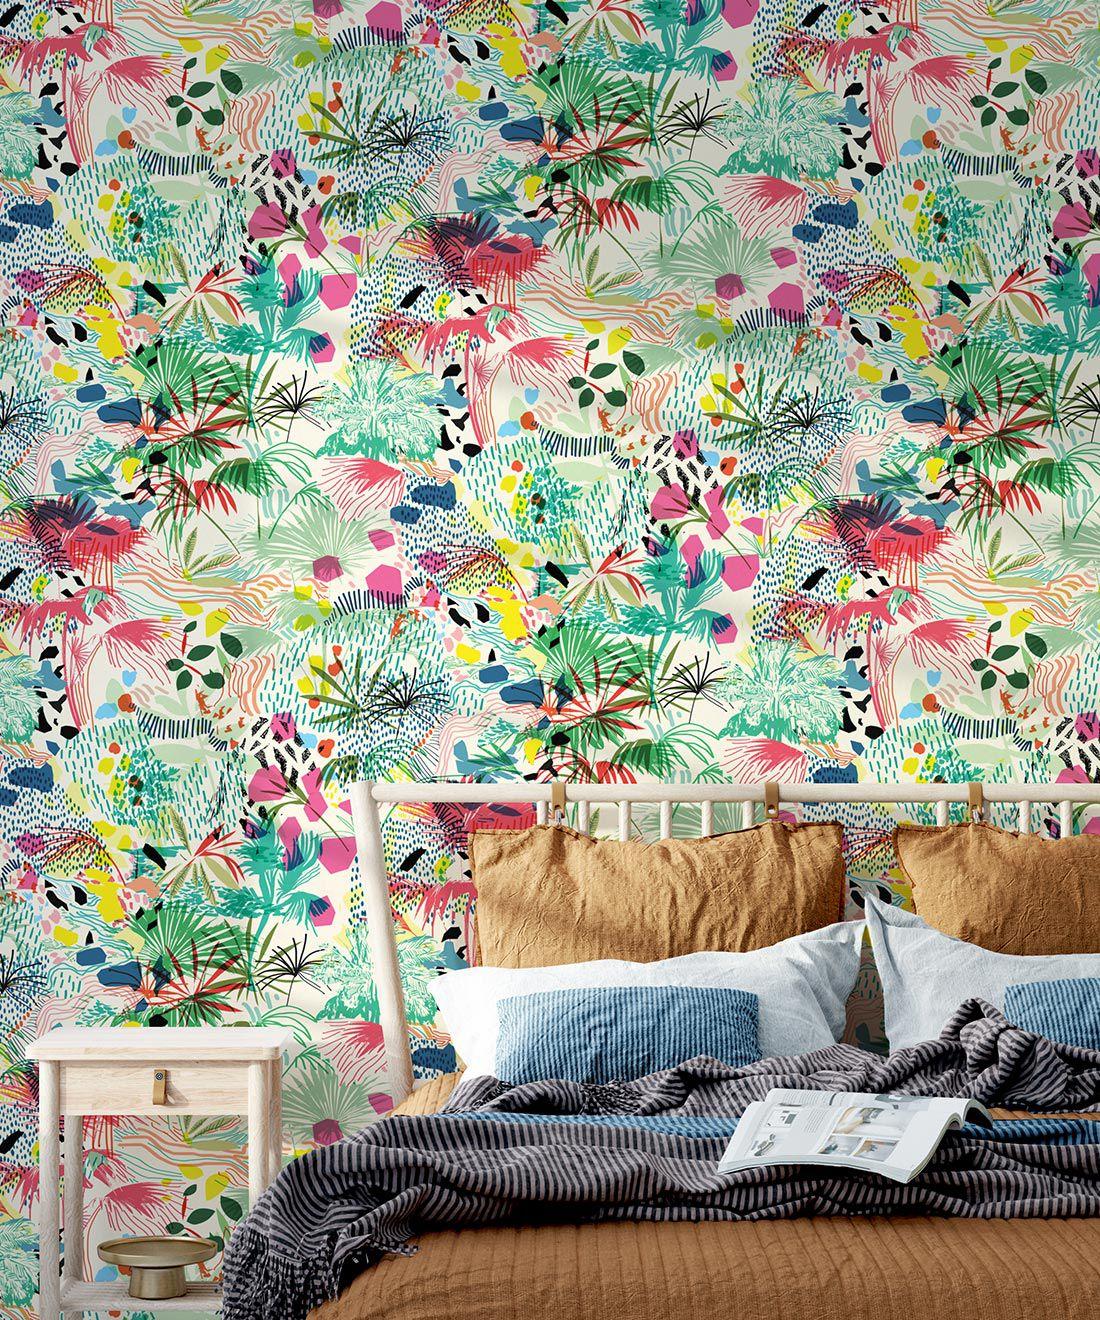 Encinitas Wallpaper • Colorful Floral Wallpaper • Insitu